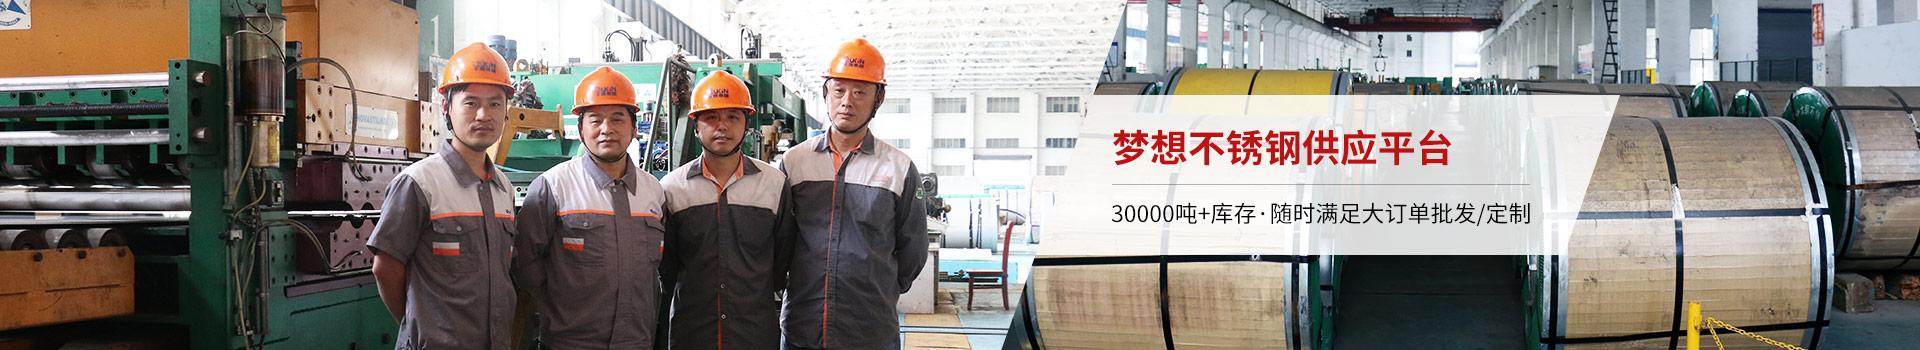 梦想不锈钢供应平台